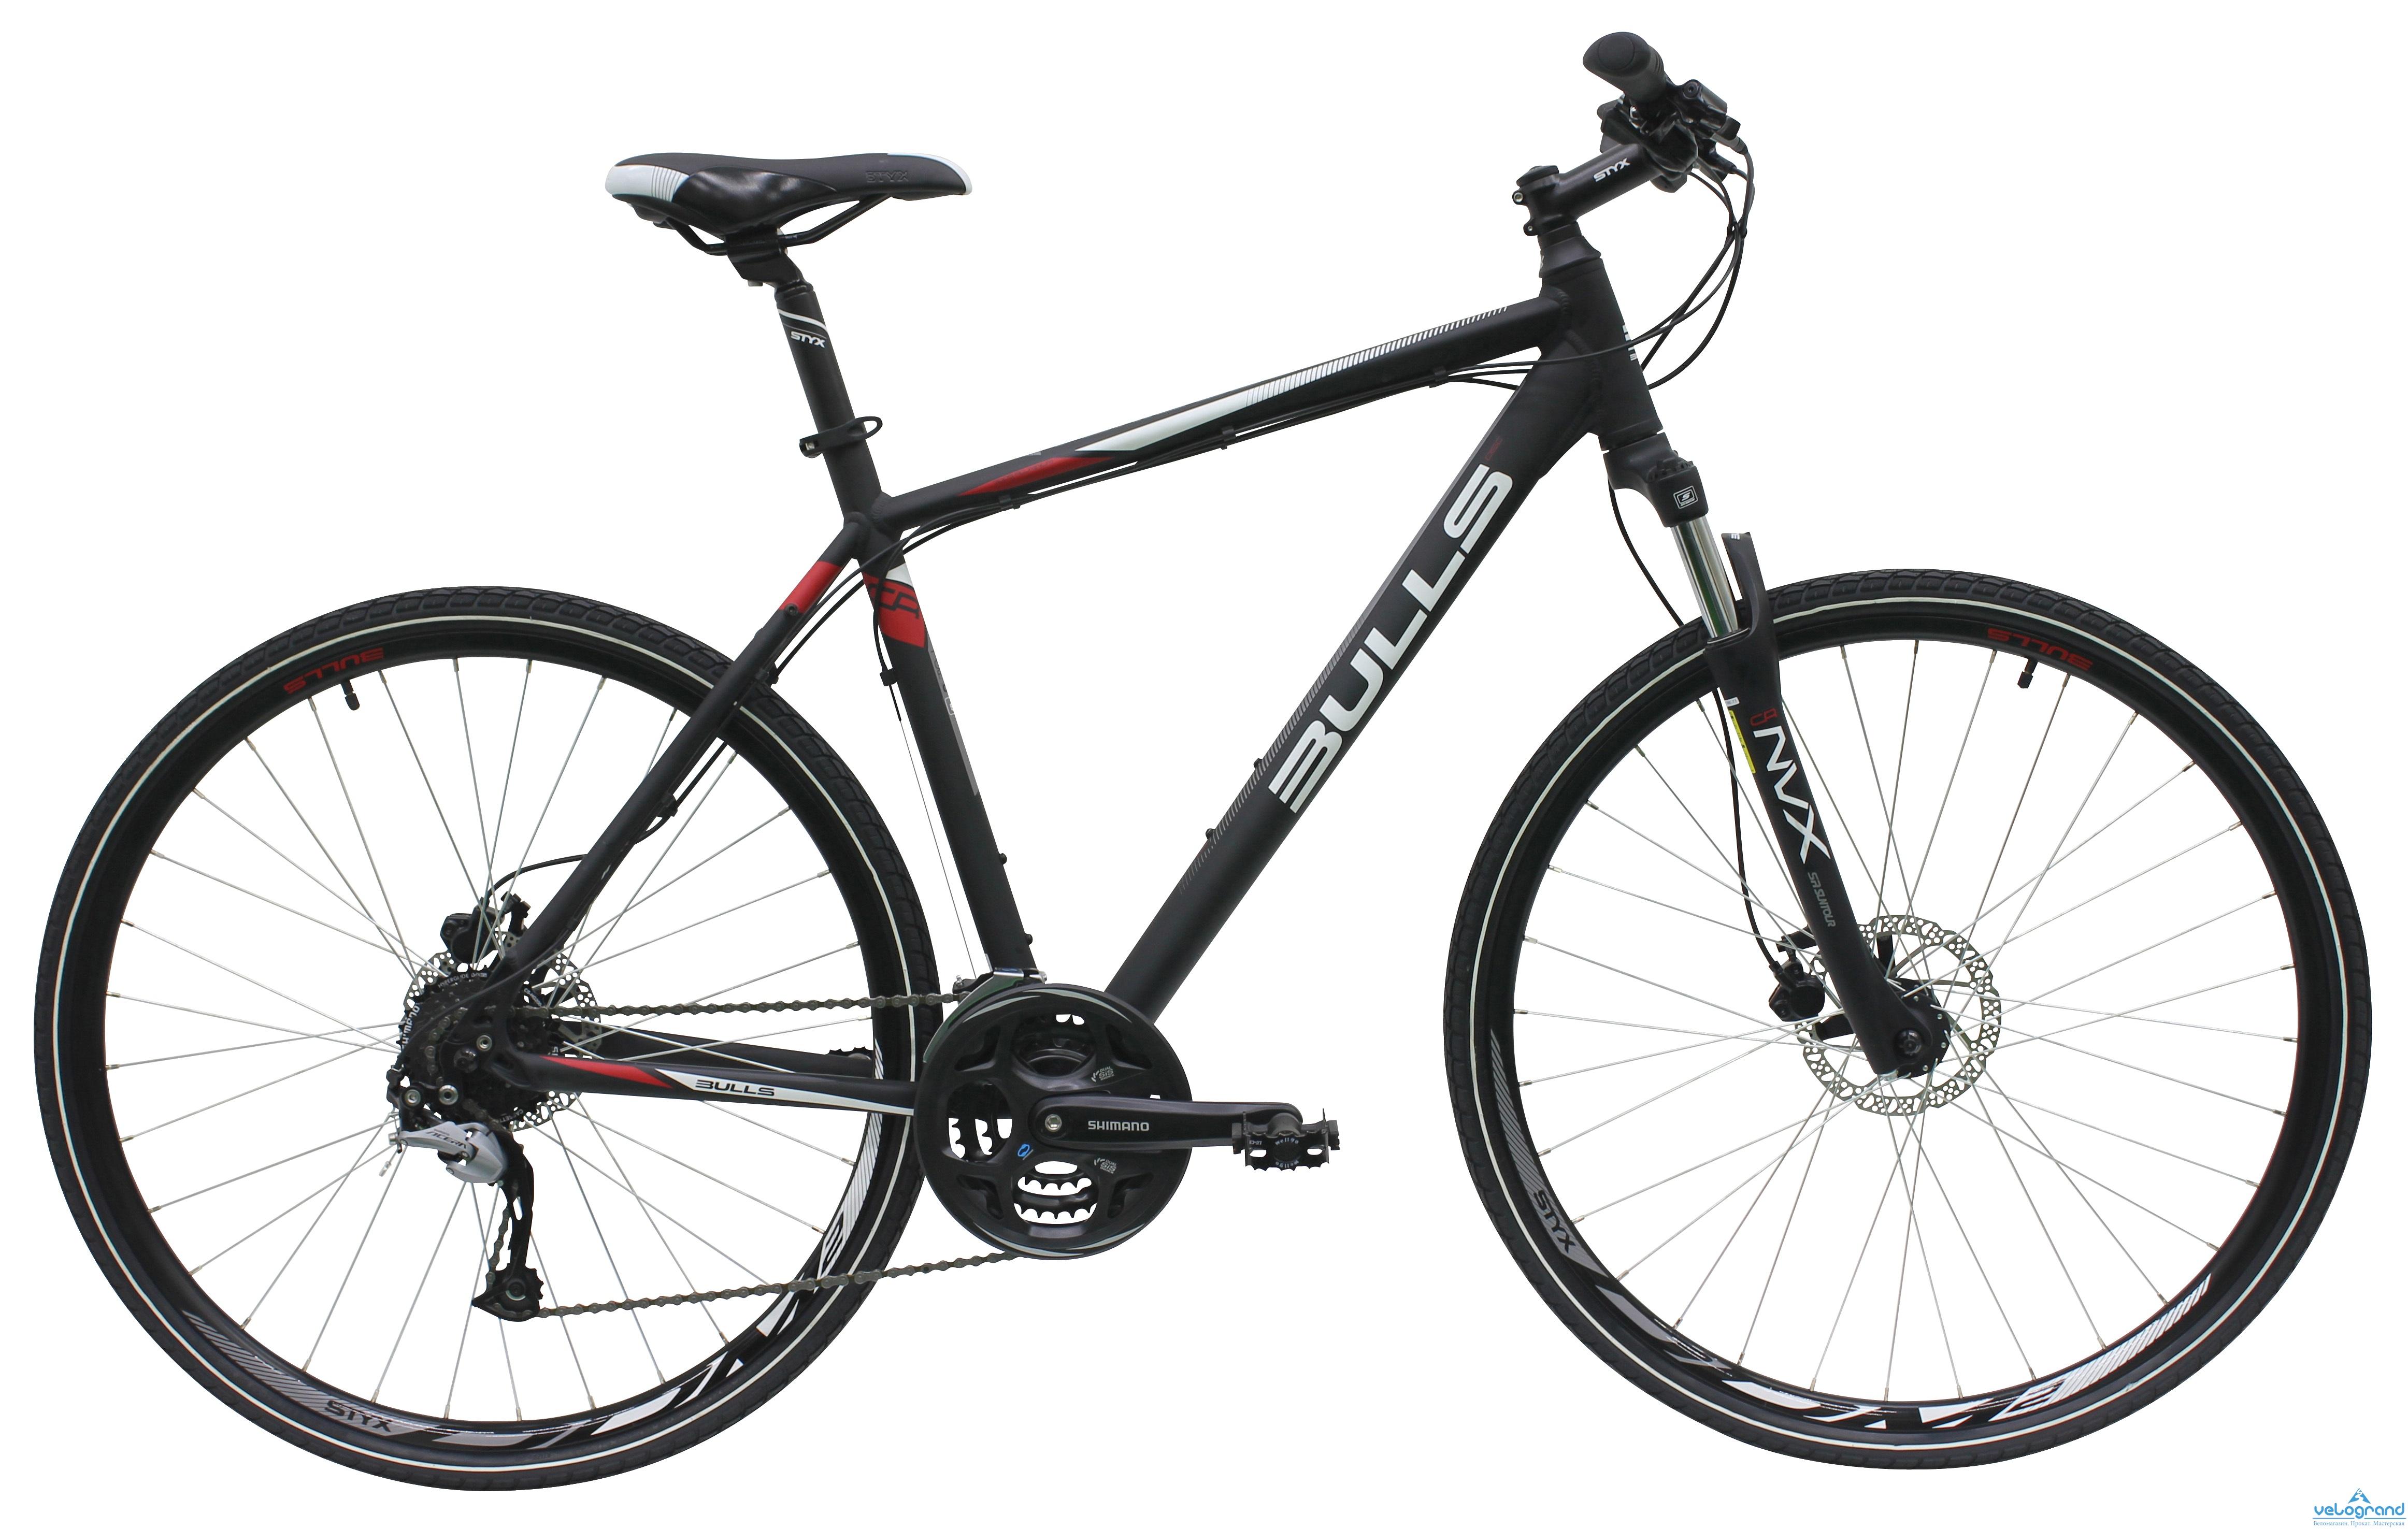 Городской велосипед Bulls Cross Bike 1 (2016)Рама и амортизаторы<br><br><br>&amp;nbsp;<br>Рама<br>7005 aluminium<br><br><br>&amp;nbsp;<br>Вилка<br>Suntour NVX-D, 75 mm einstellbar<br><br><br>&amp;nbsp;<br>Вес всего велосипеда<br>13.9 кг<br><br><br>Цепная передача<br><br><br>&amp;nbsp;<br>Манетки<br>Shimano<br><br><br>&amp;nbsp;<br>Передний переключатель<br>Shimano<br><br><br>&amp;nbsp;<br>Задний переключатель<br>Shimano Altus 24-speed<br><br><br>&amp;nbsp;<br>Кассета<br>Shimano, 11-32T<br><br><br>&amp;nbsp;<br>Количество скоростей<br>24<br><br><br>&amp;nbsp;<br>Педали<br>Wellgo<br><br><br>Колеса<br><br><br>&amp;nbsp;<br>Обода<br>STYX DBM-1<br><br><br>&amp;nbsp;<br>Bтулка<br>Formula<br><br><br>&amp;nbsp;<br>Покрышка<br>VEE Rubber VRB346, 44-622<br><br><br>Компоненты<br><br><br>&amp;nbsp;<br>Передний тормоз<br>Tektro V-Brake<br><br><br>&amp;nbsp;<br>Задний тормоз<br>Tektro V-Brake<br><br><br><br><br>&amp;nbsp;<br>Руль<br>STYX aluminium<br><br><br>&amp;nbsp;<br>Рулевая колонка<br>STYX aluminium<br><br><br>&amp;nbsp;<br>Седло<br>Velo, STYX design<br><br><br>&amp;nbsp;<br>Подседельный штырь<br>STYX aluminium<br><br><br>&amp;nbsp;<br>Производство<br>Разработка: Германия. Производство: КНР (Тайвань).<br><br>Модельный год: 2016<br>Производитель: Bulls<br>Материал рамы: Алюминий<br>Диаметр колес: 28 дюймов<br>Количество скоростей: 24 скорости<br>Возраст: Взрослый<br>Тип тормозов: Дисковые гидравлические<br>Страна: Германия